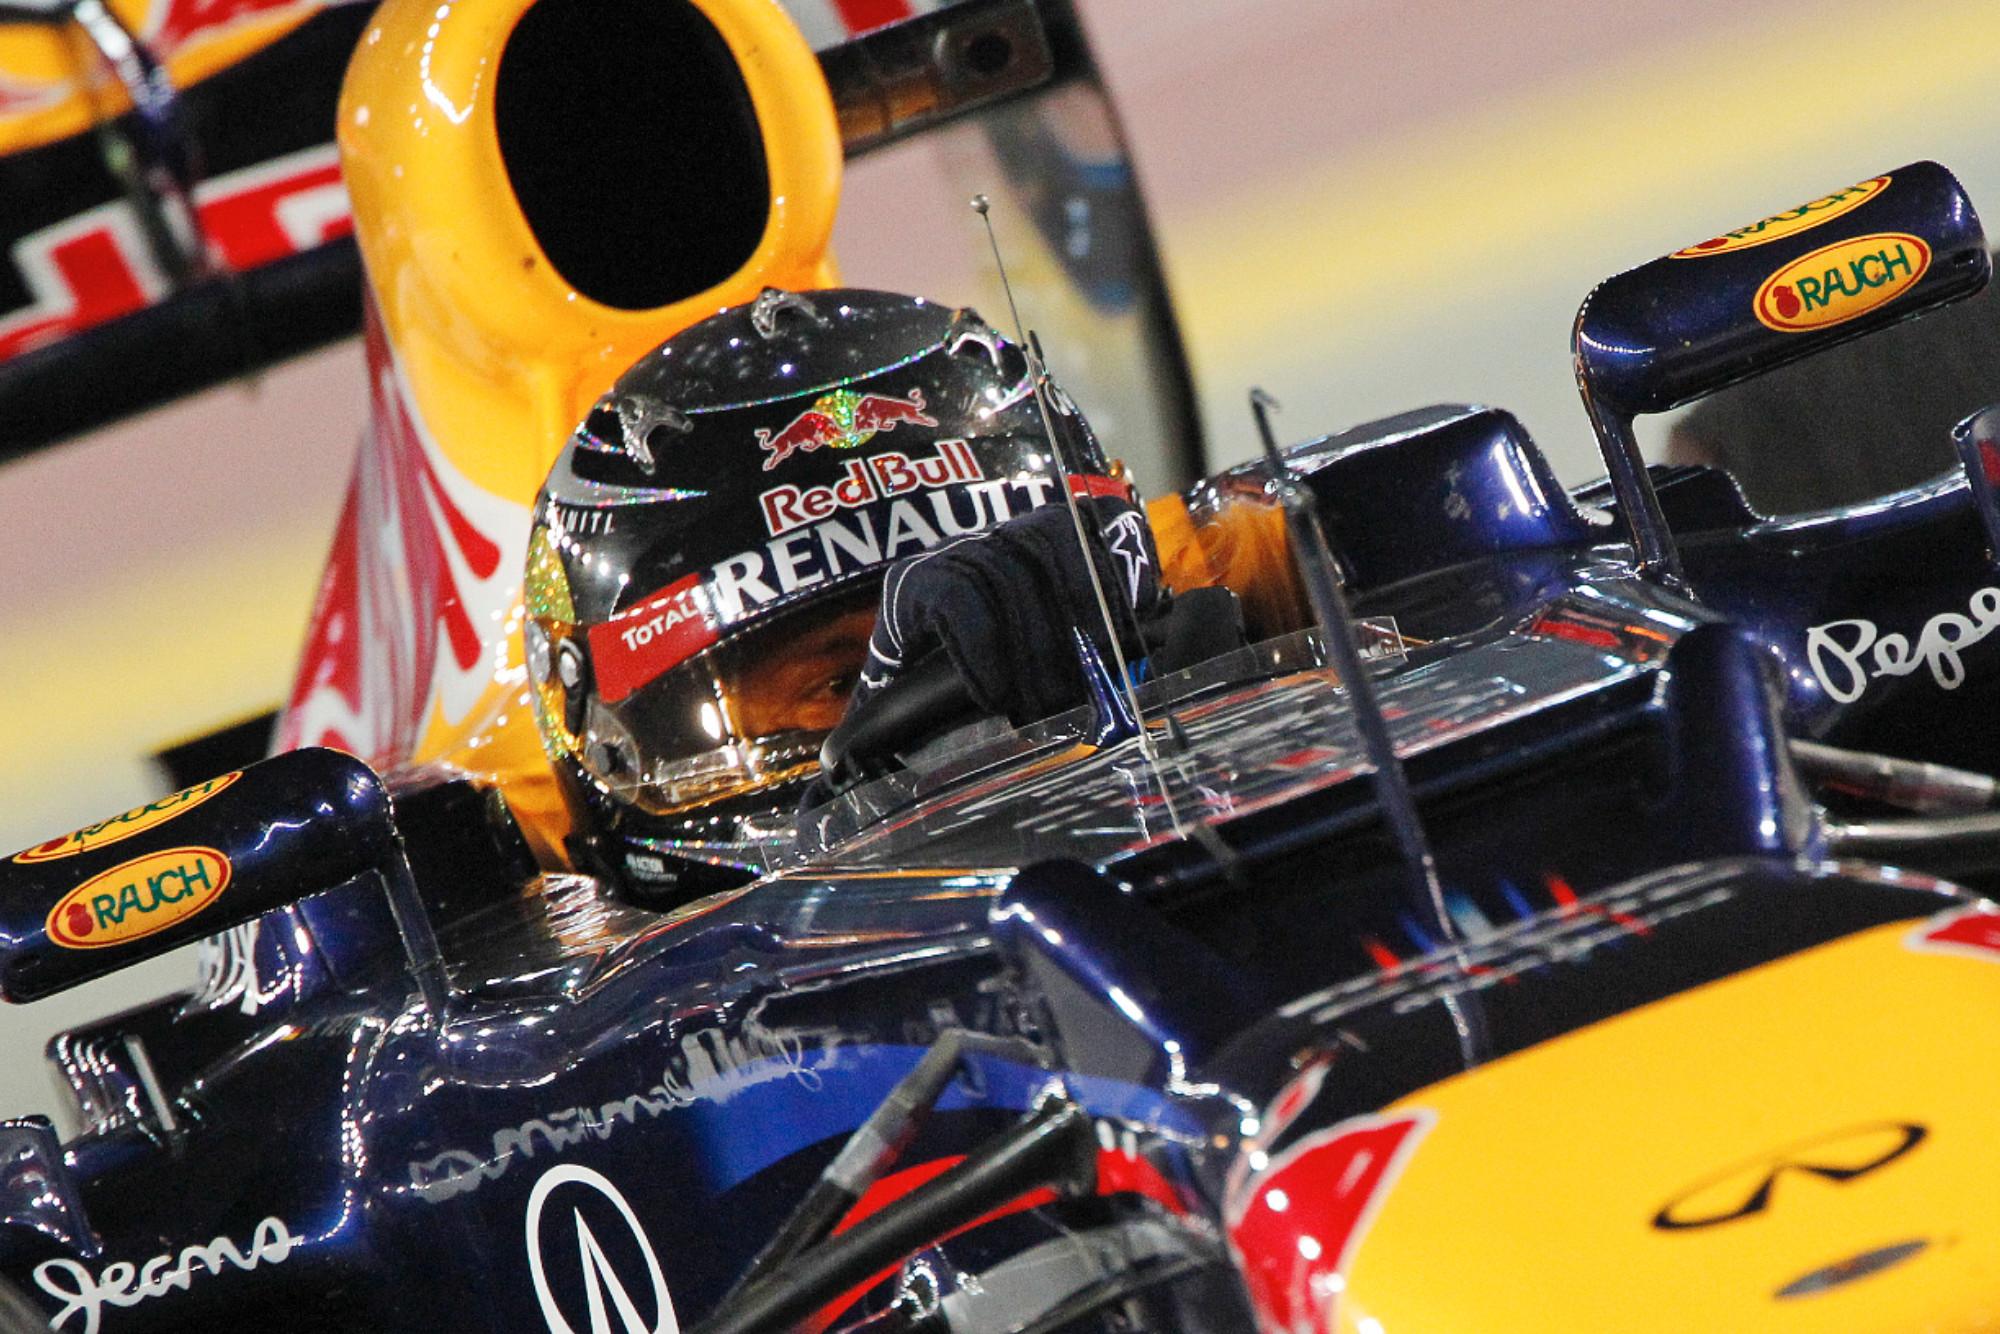 Sebastian Vettel during the 2012 Singapore Grand Prix